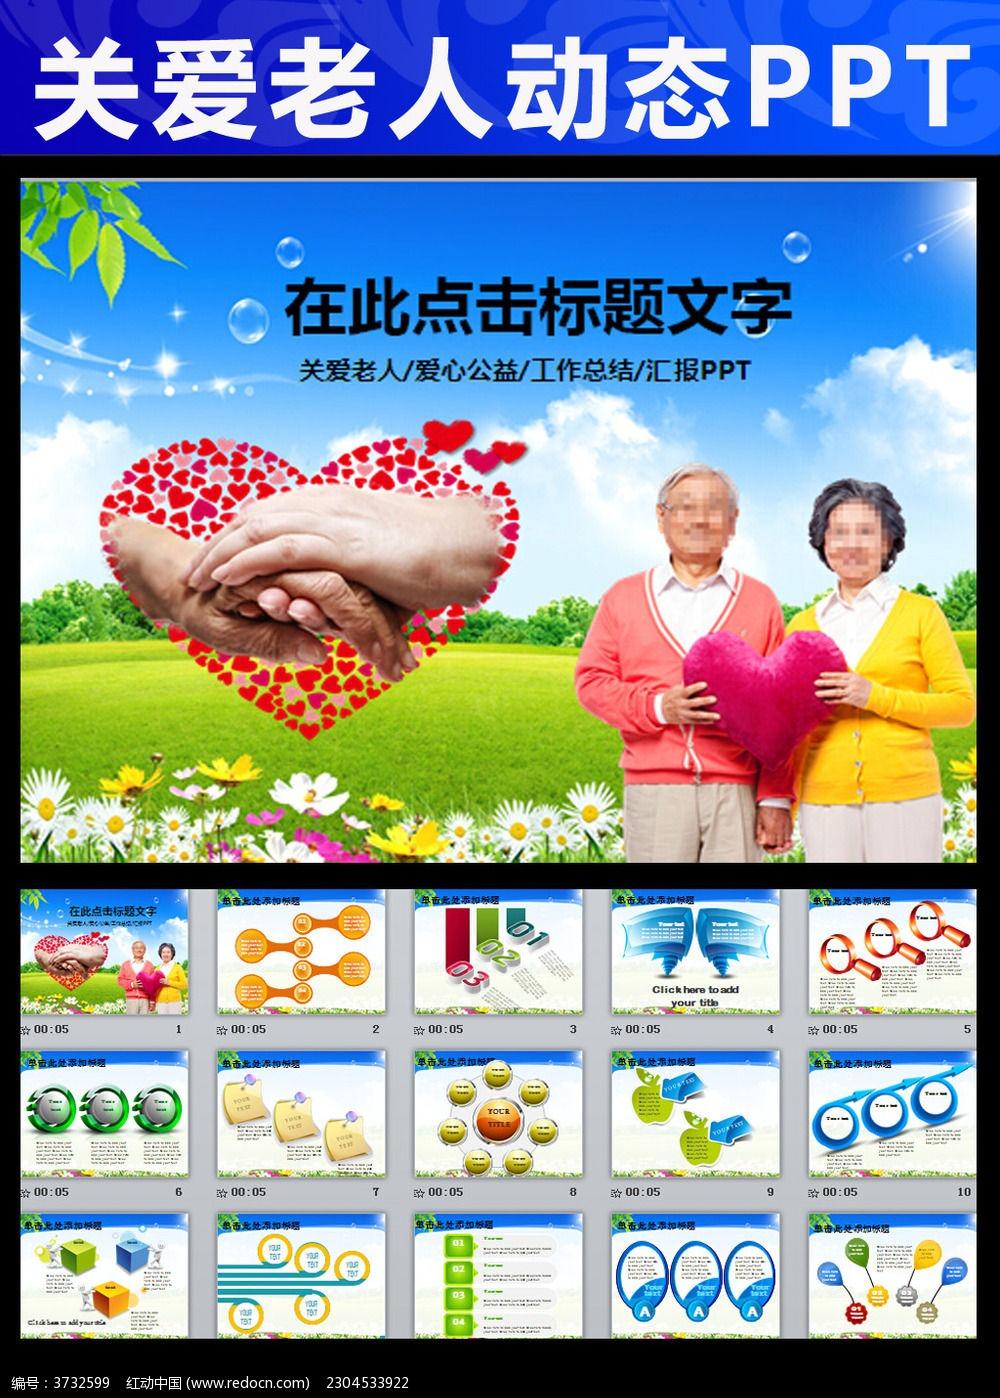 关爱老人ppt背景pptx素材下载 编号3732599 红动网图片